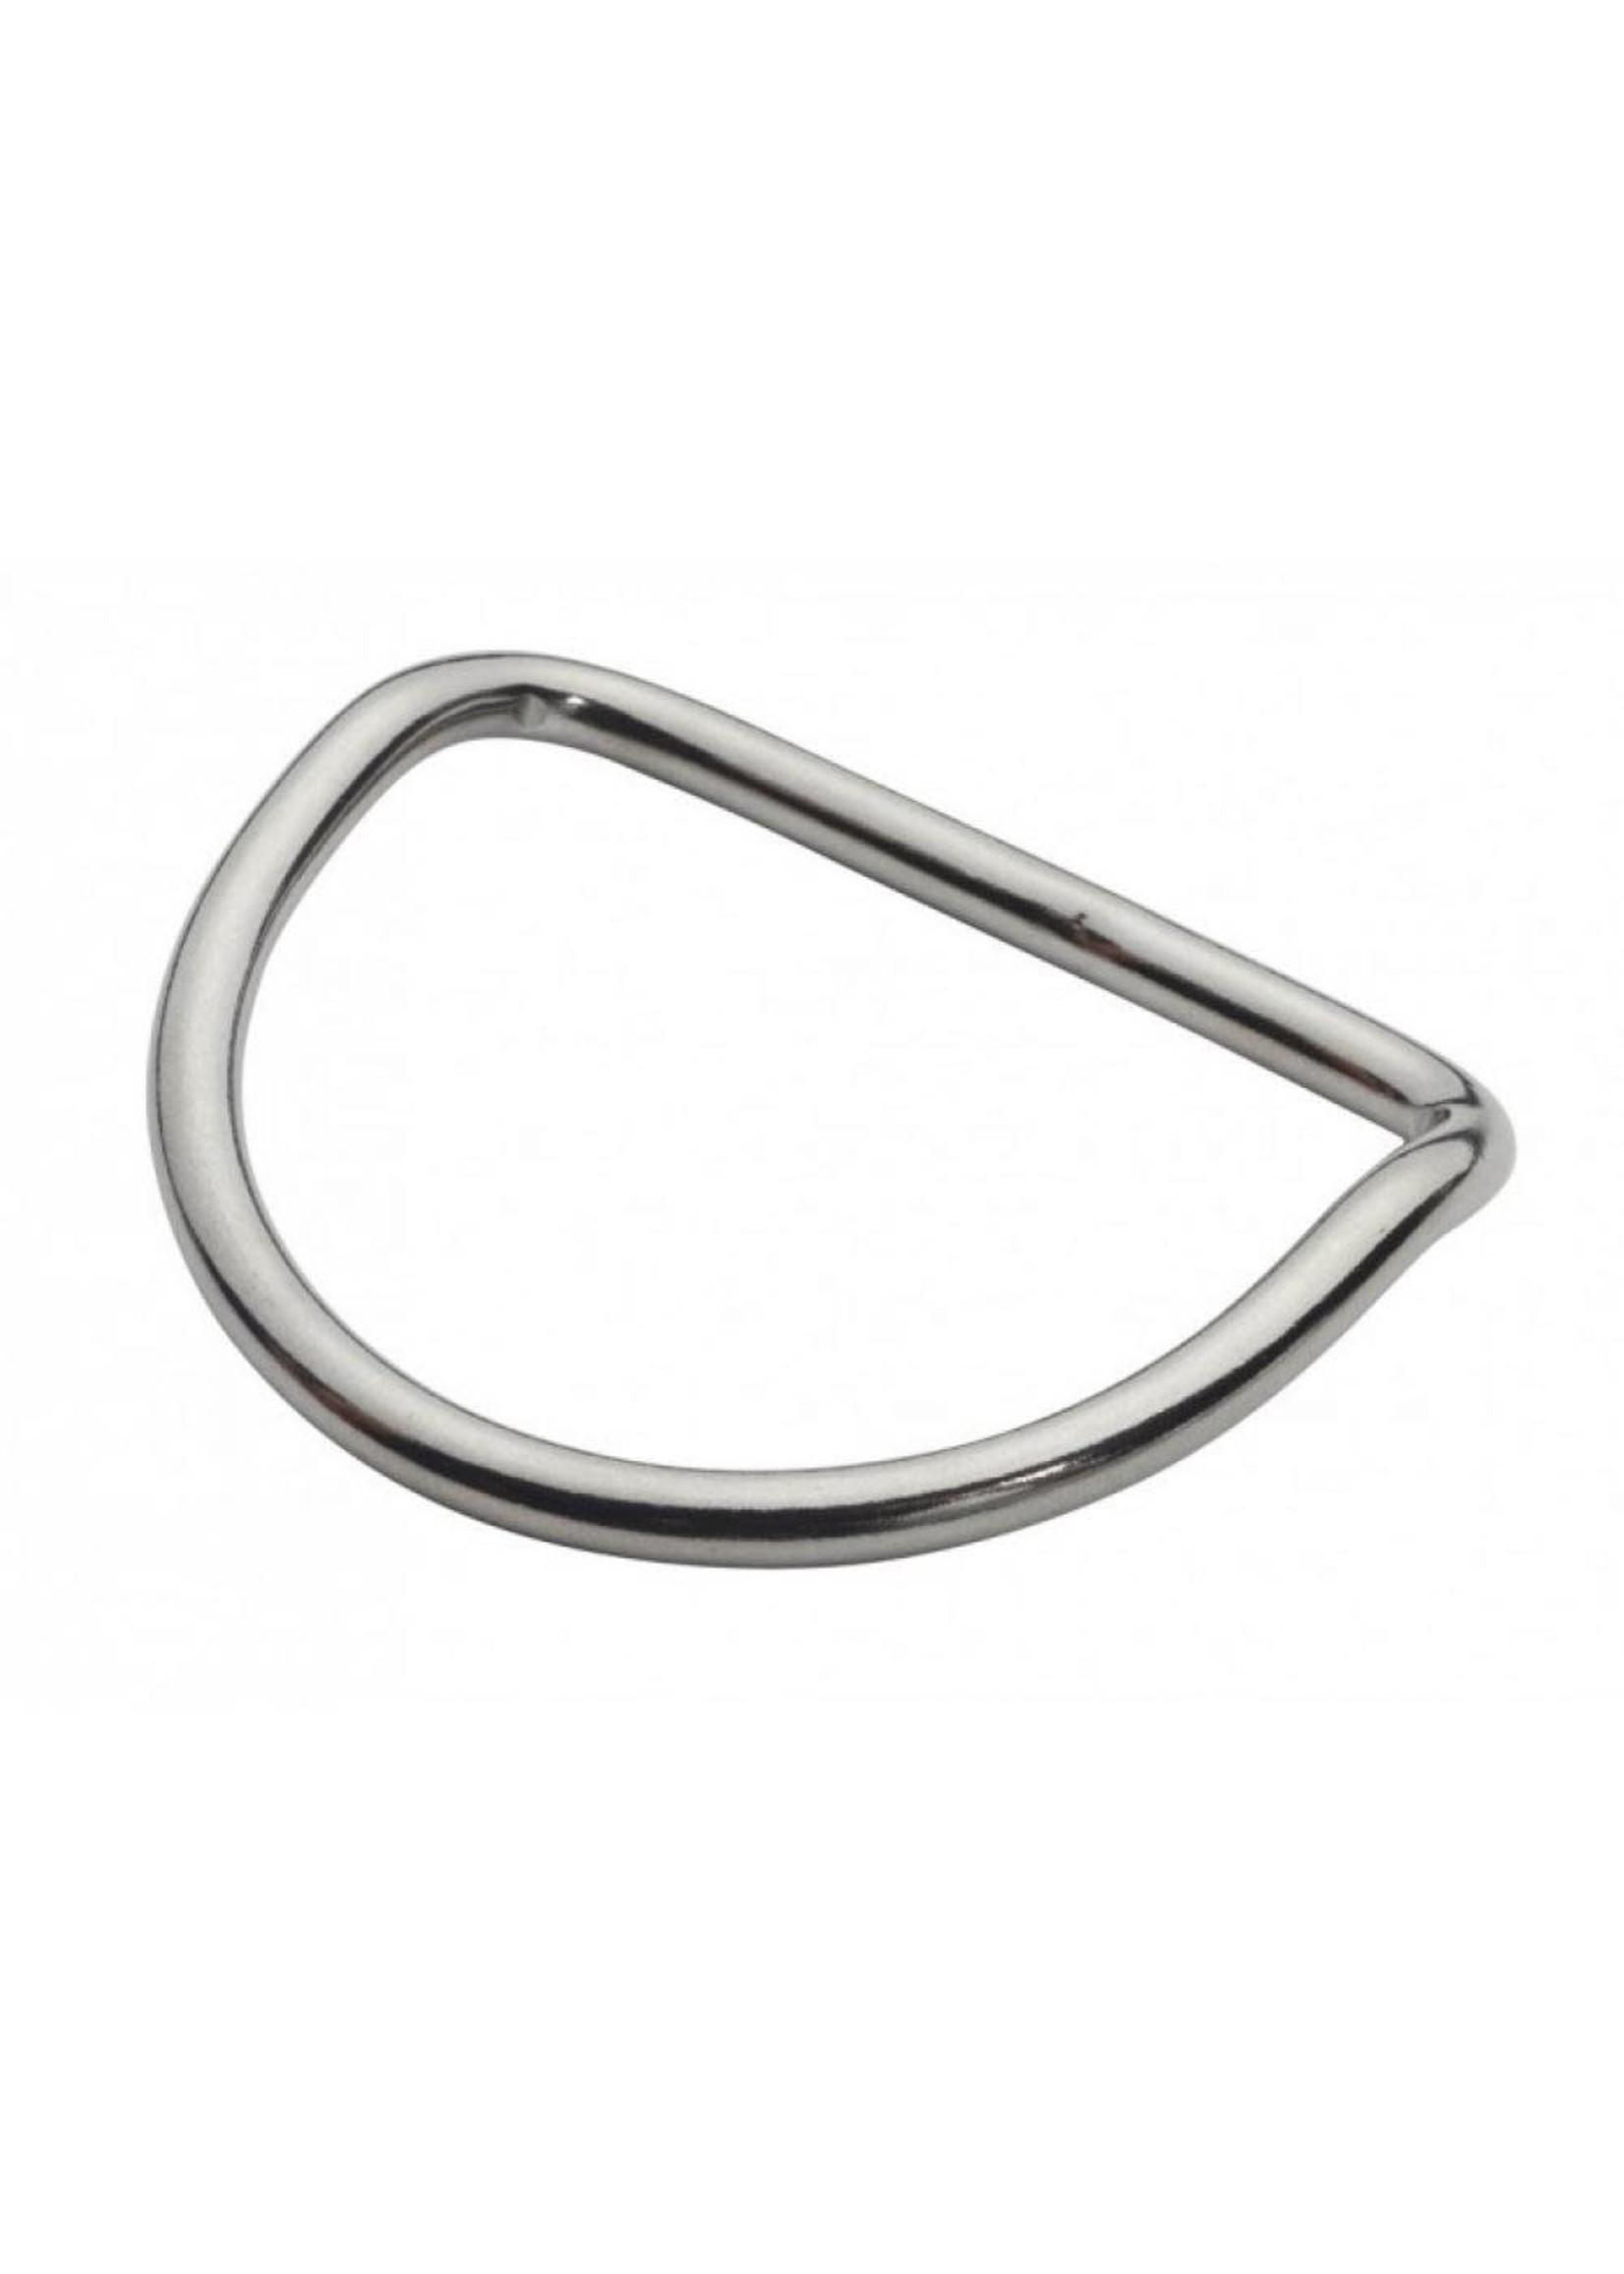 OMS OMS Gebogen D-Ring